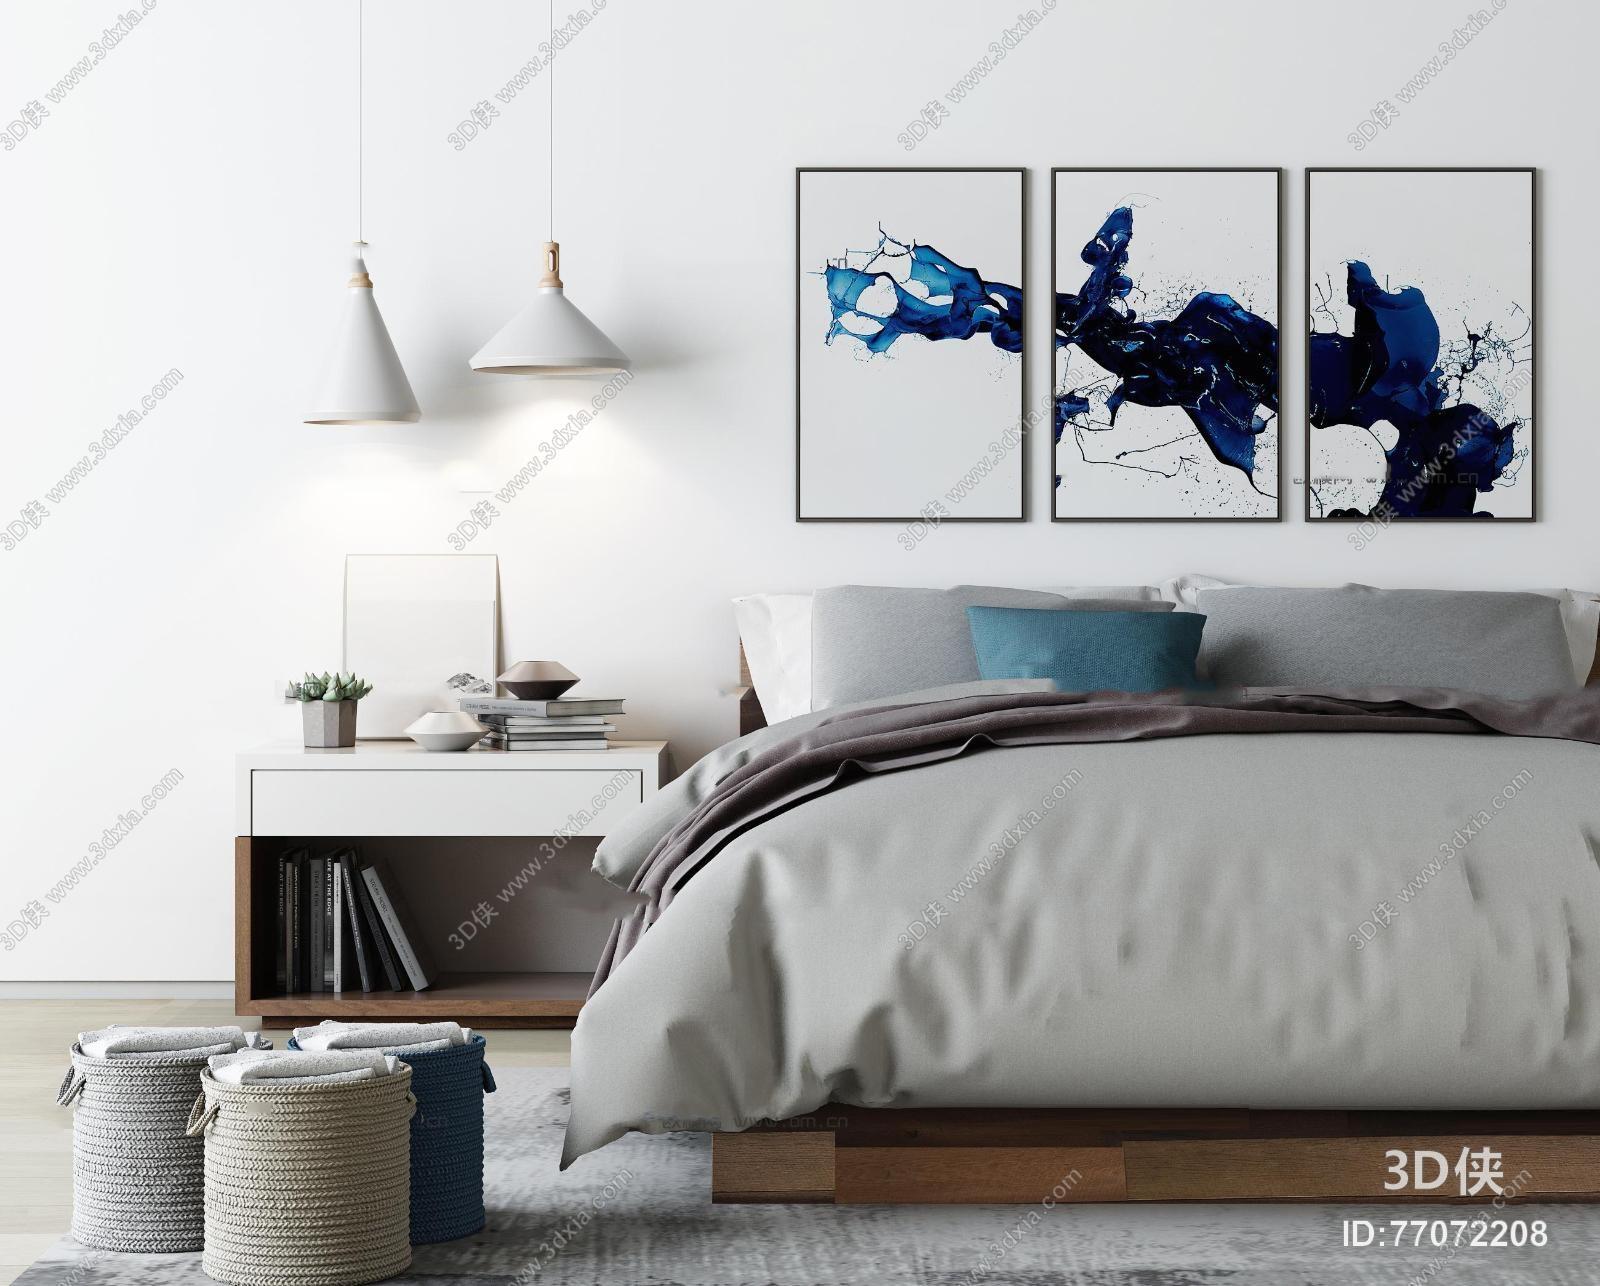 现代布艺双人床床头柜吊灯装饰画组合3D模型